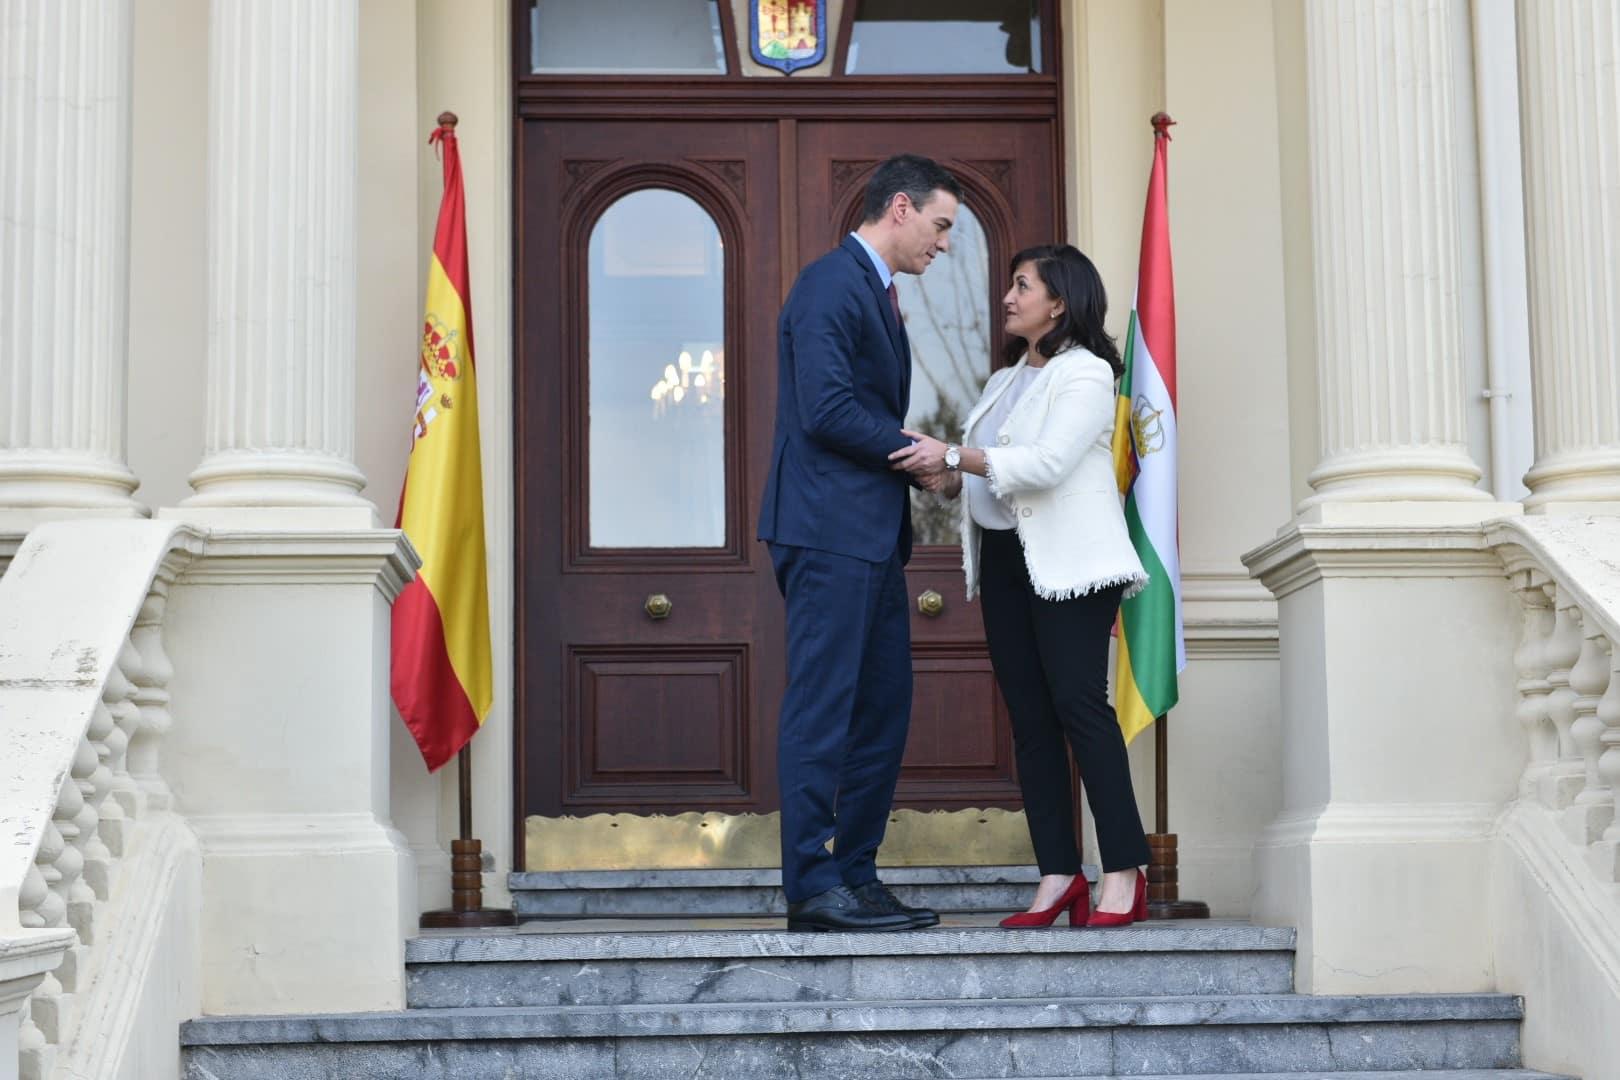 Foto: Gobierno de La Rioja